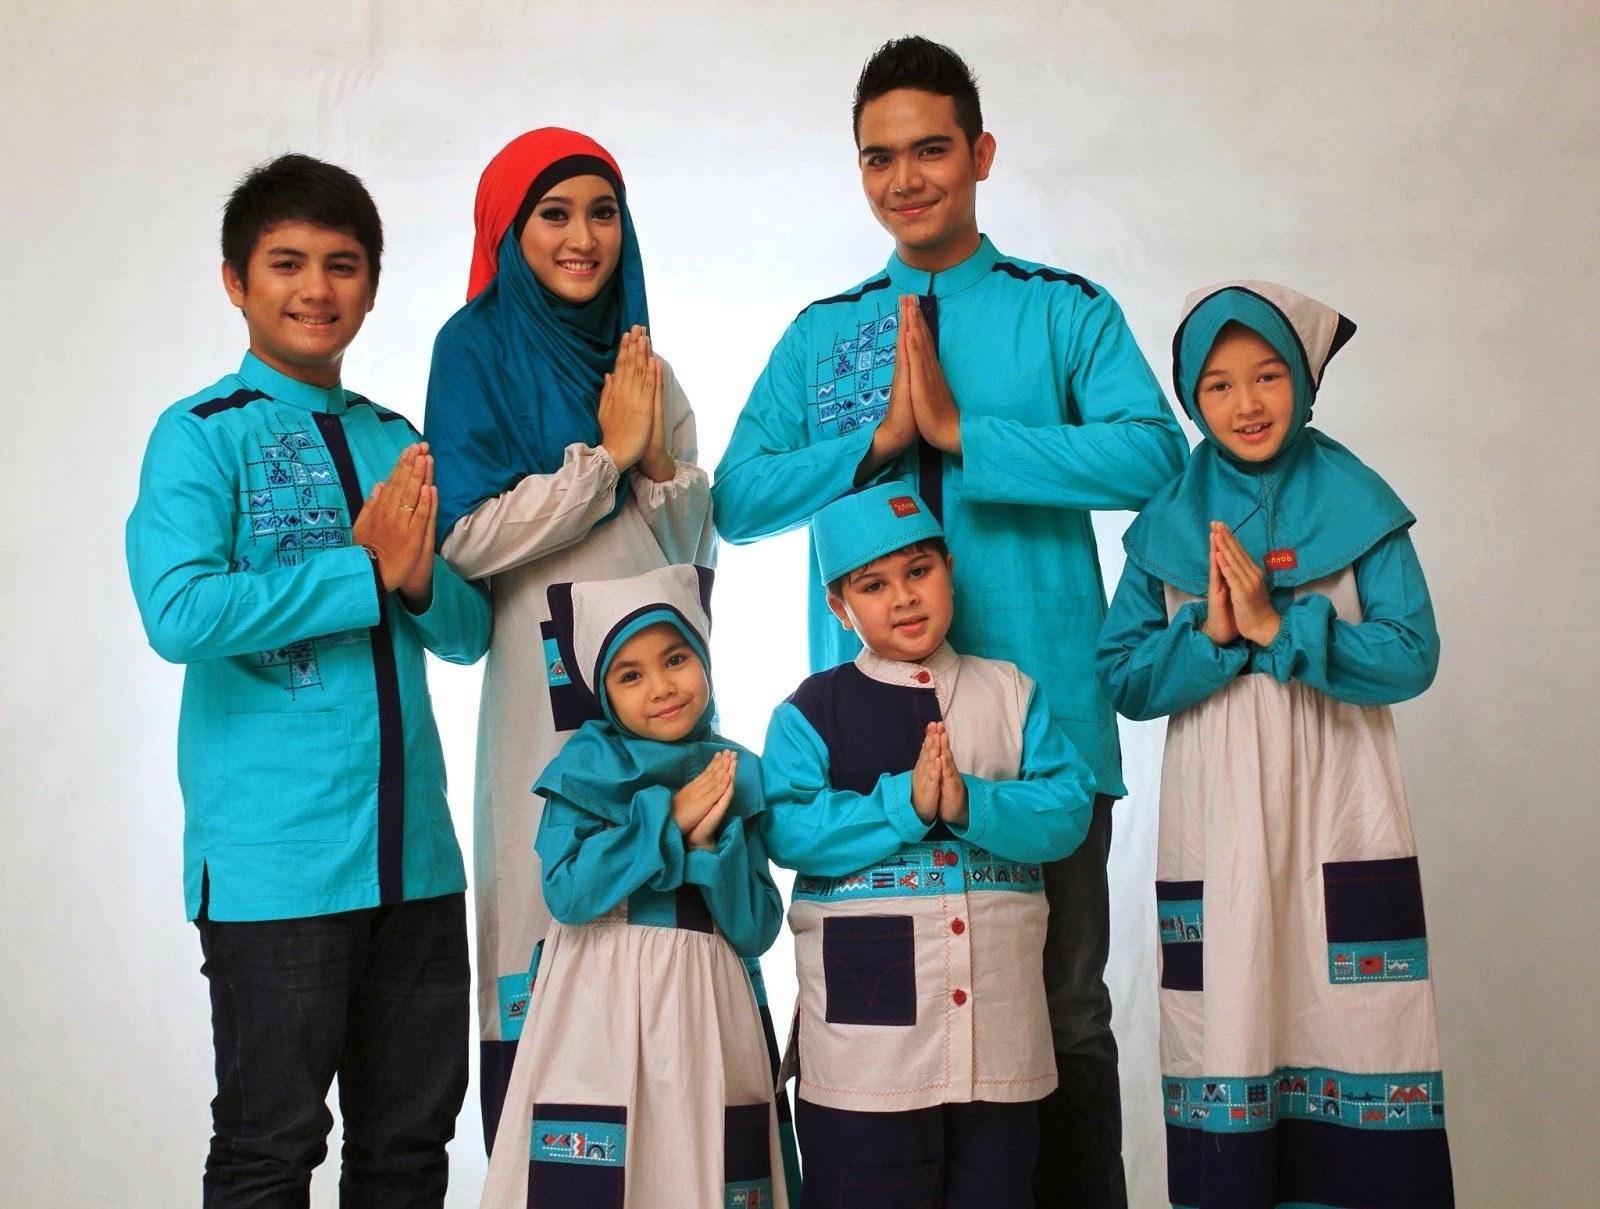 Model Model Baju Lebaran 2018 Sarimbit 3id6 Model Baju Muslim Gamis Modern Terbaru 2018 Untuk Lebaran